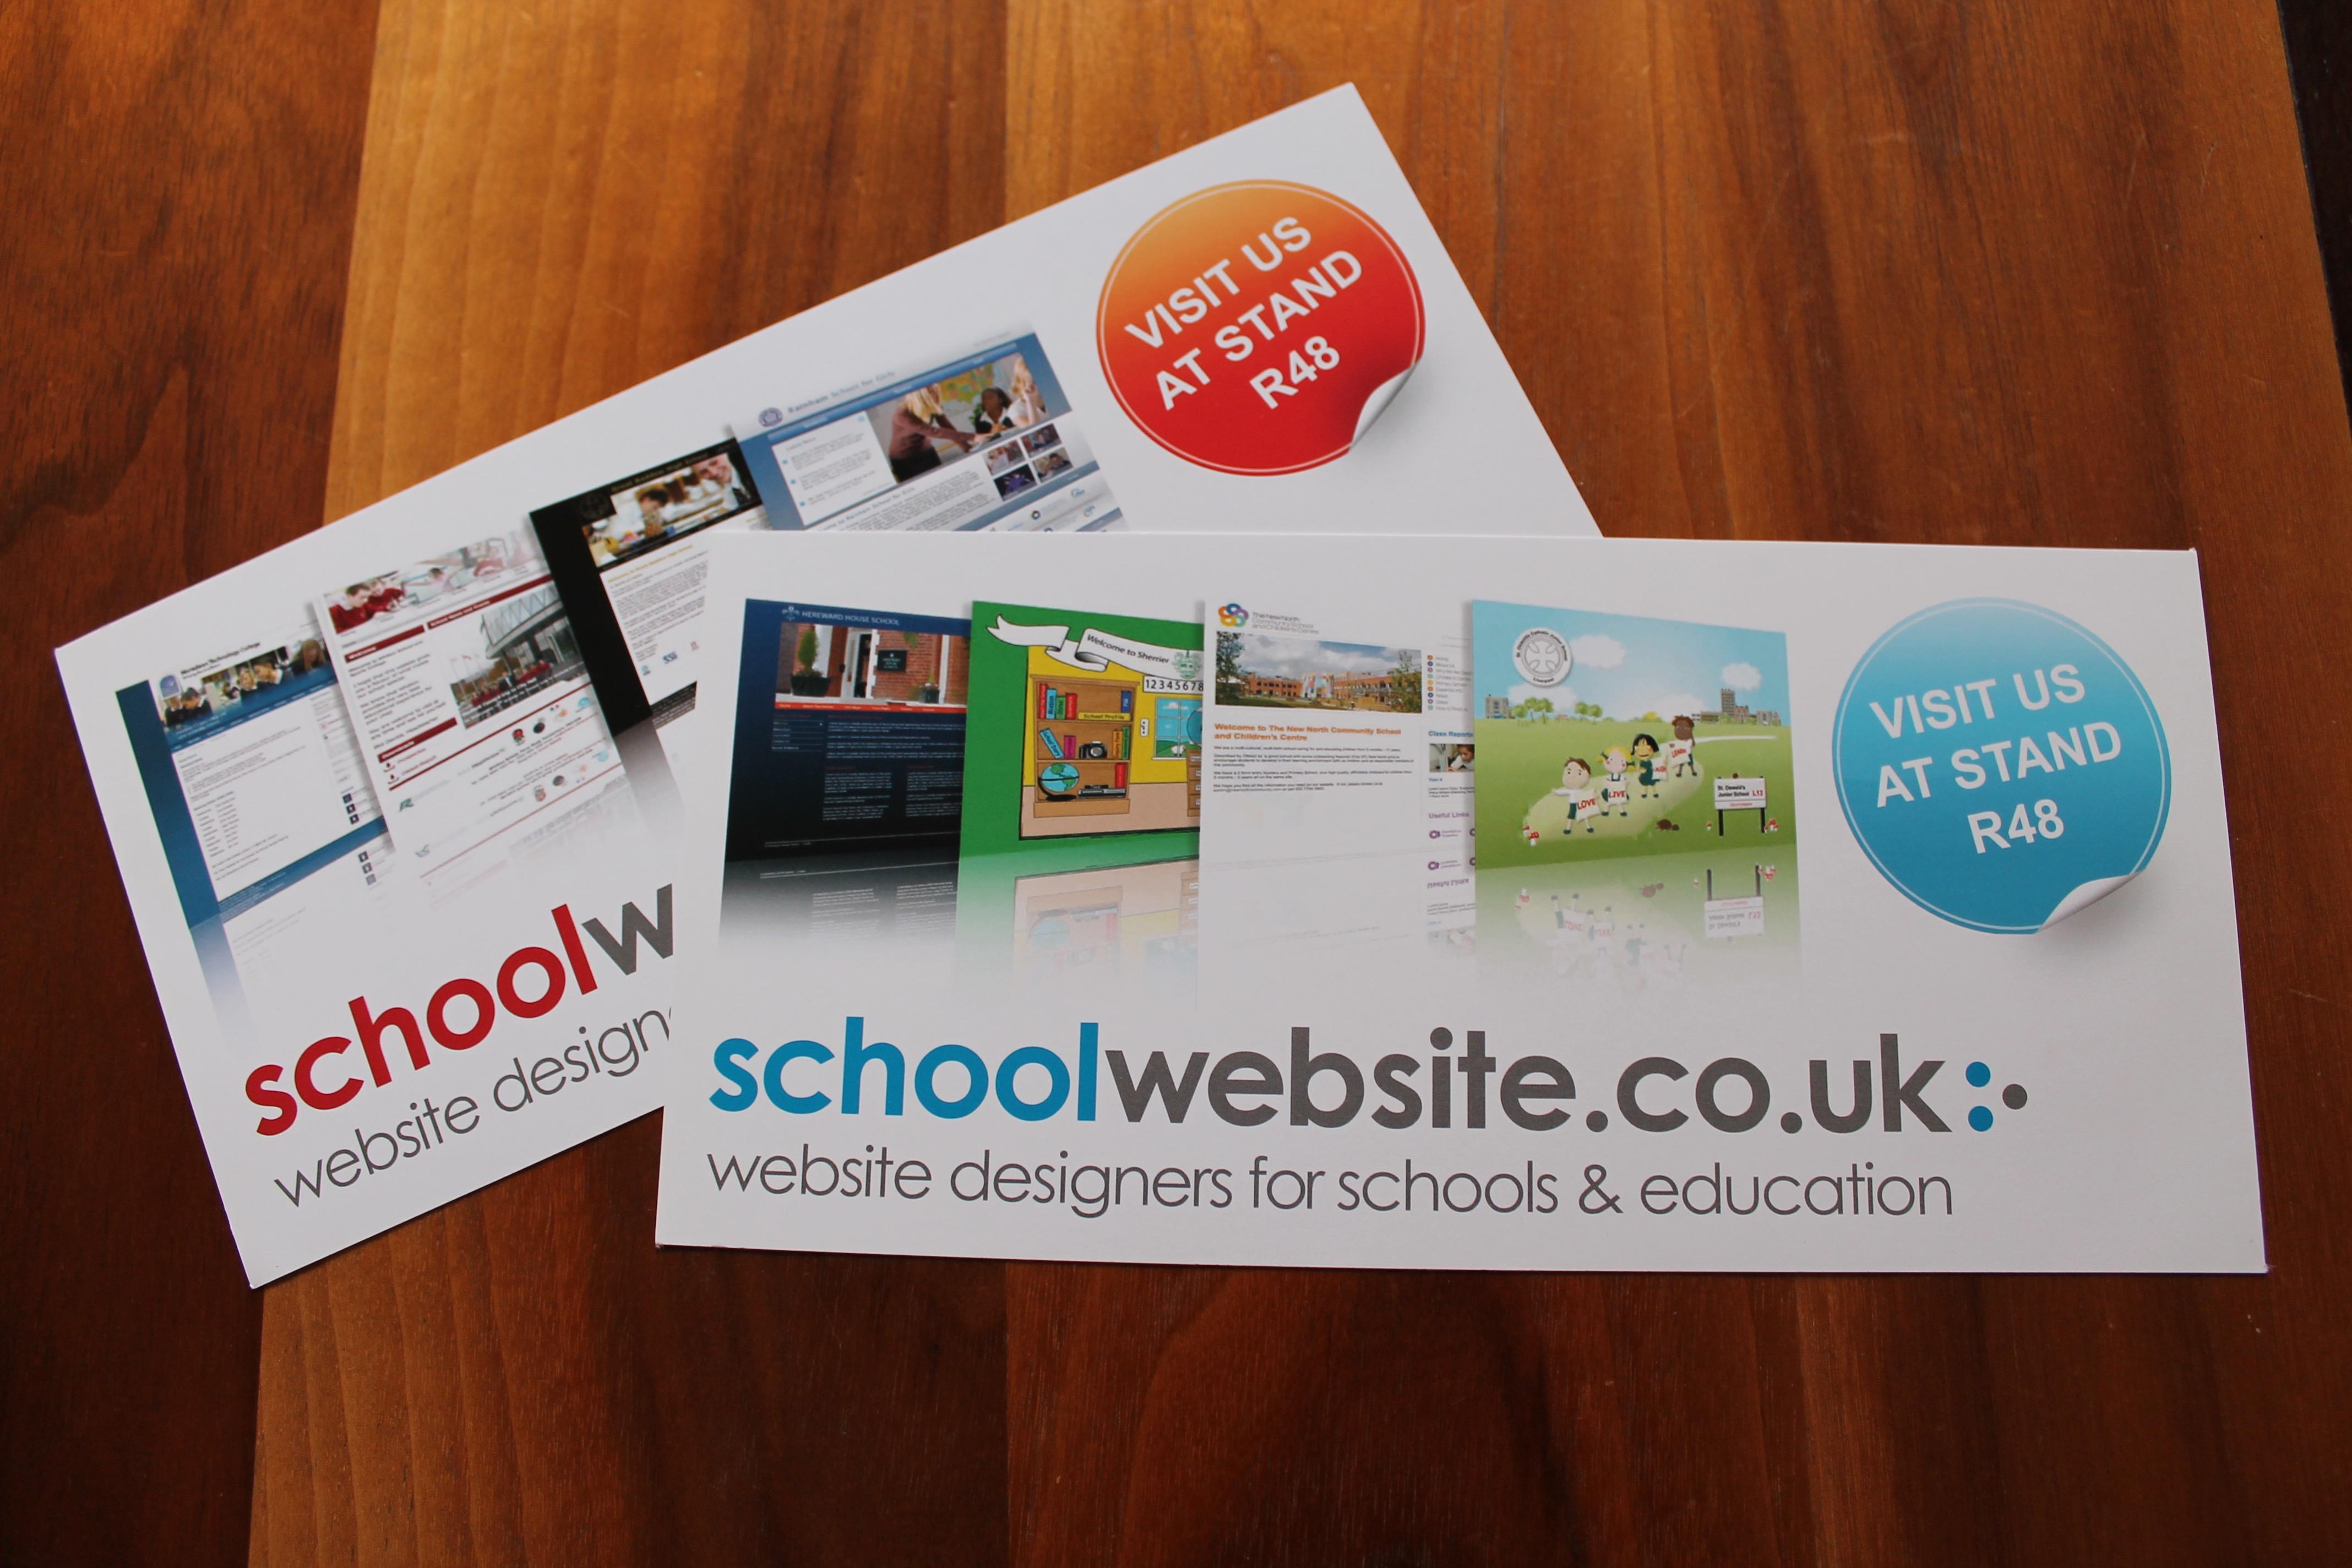 SCHOOL WEBSITE FLYER